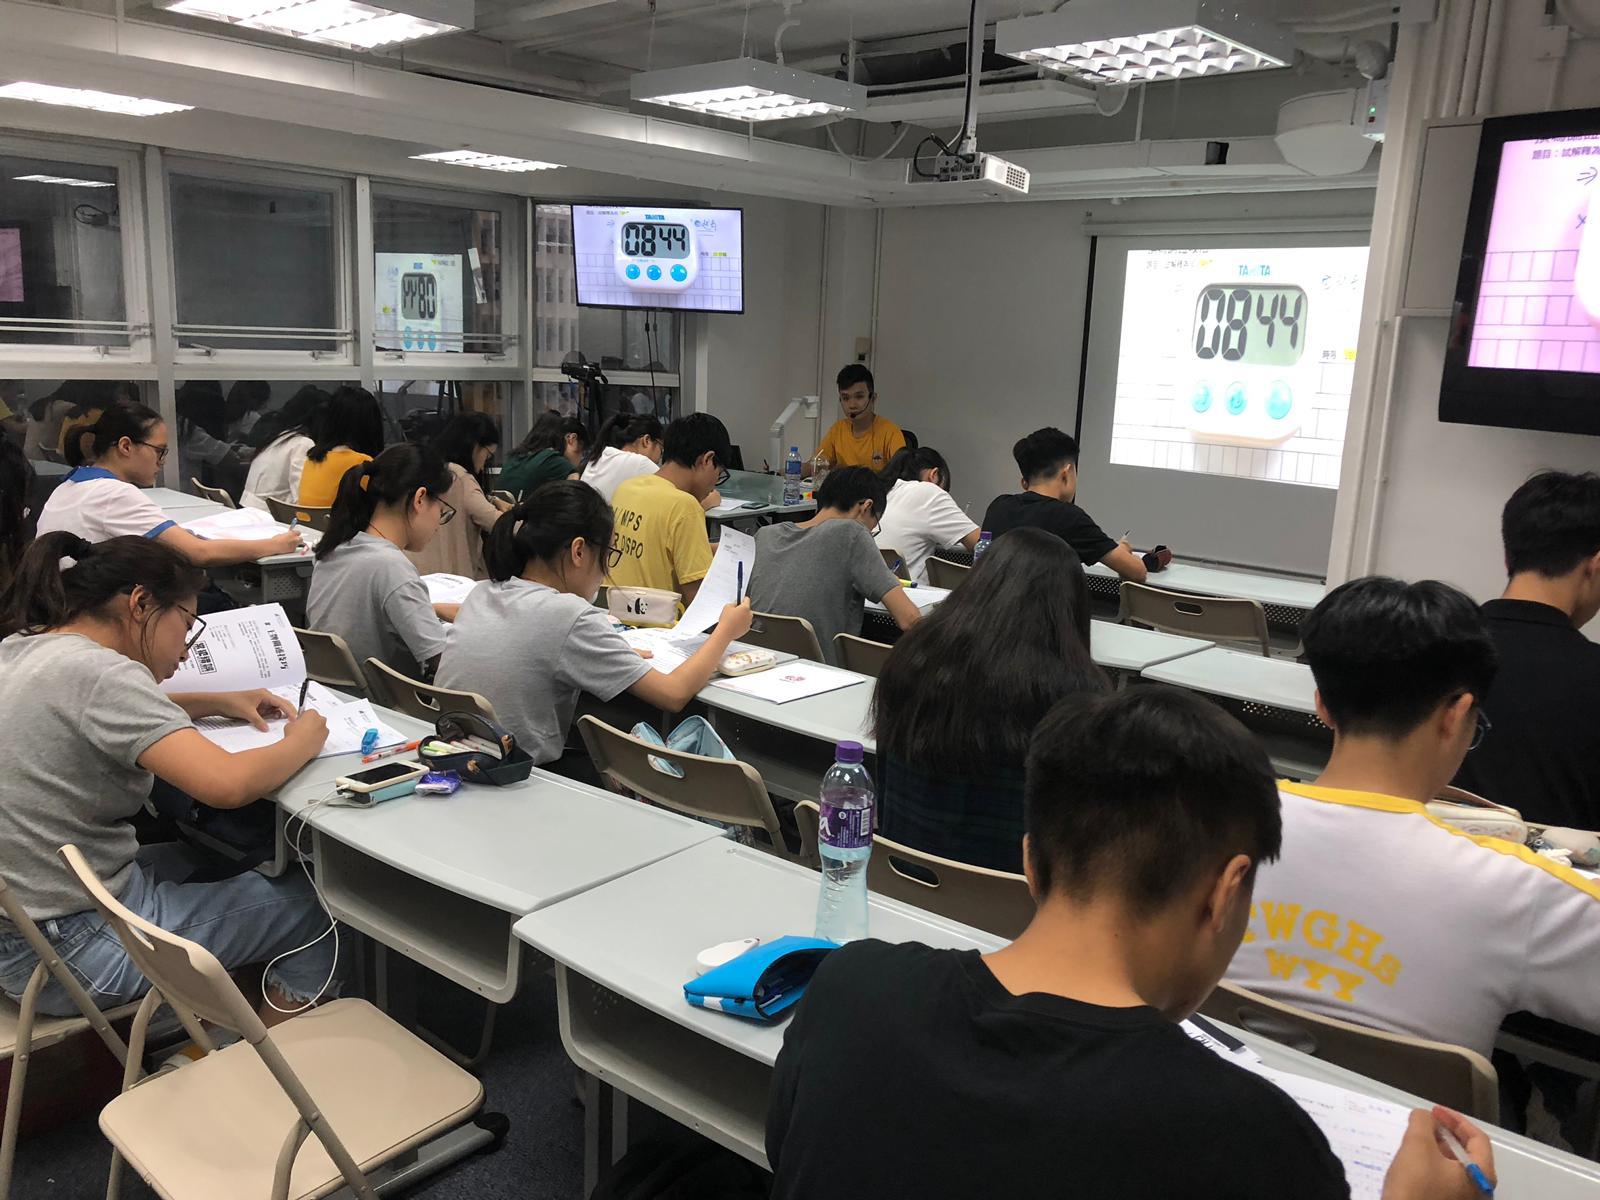 【中文補習】DSE中文狂熱課堂實況 - 學生們正努力完成Jason Sir自擬的課堂小測。